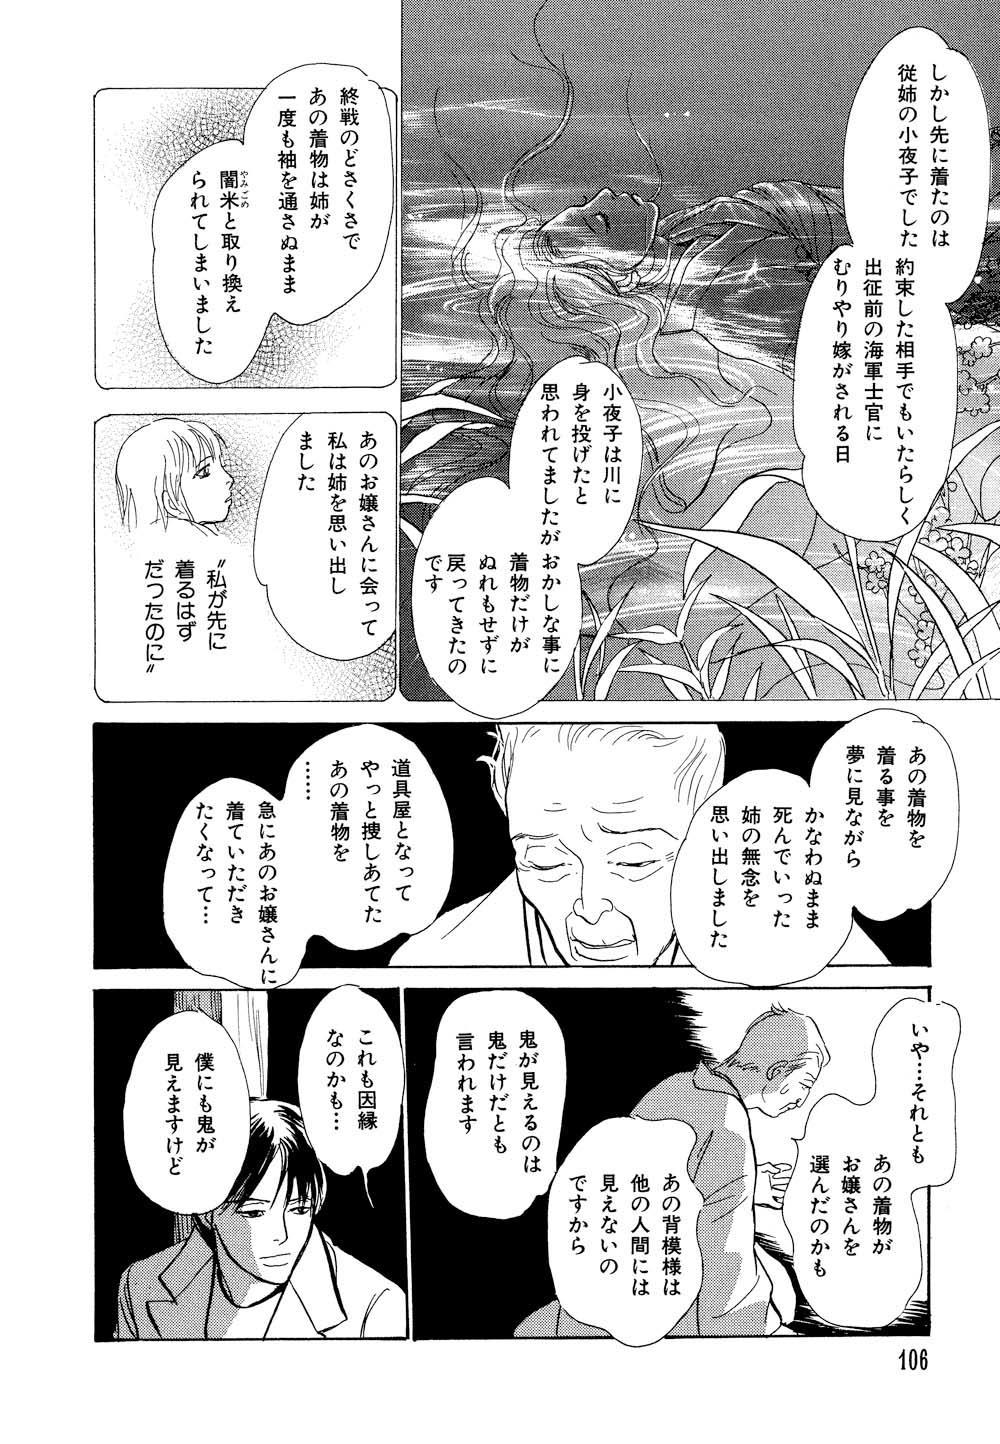 百鬼夜行抄_13_0110.jpg